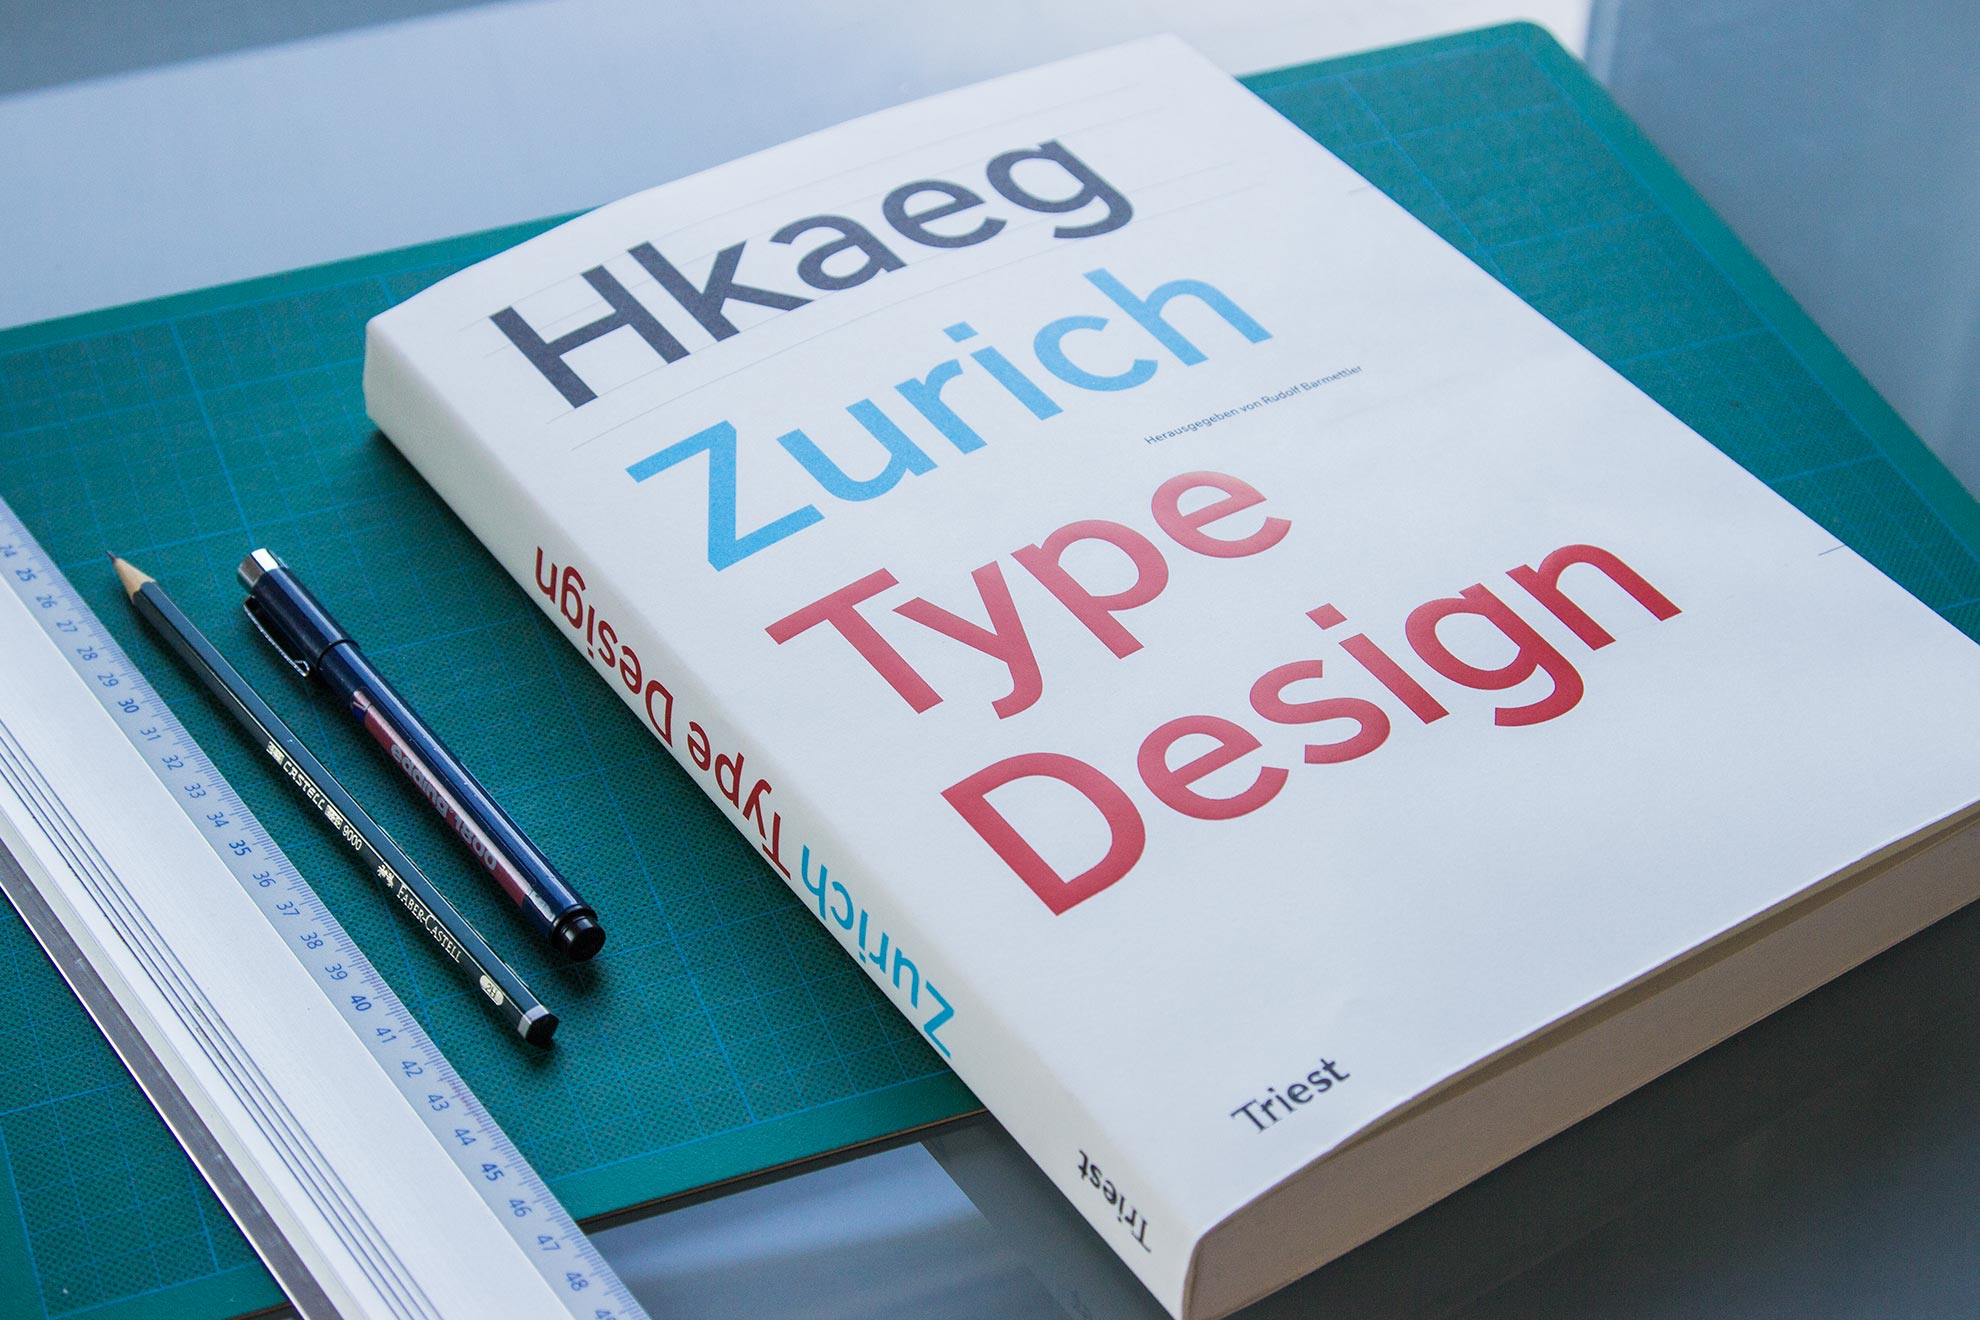 zurich type design